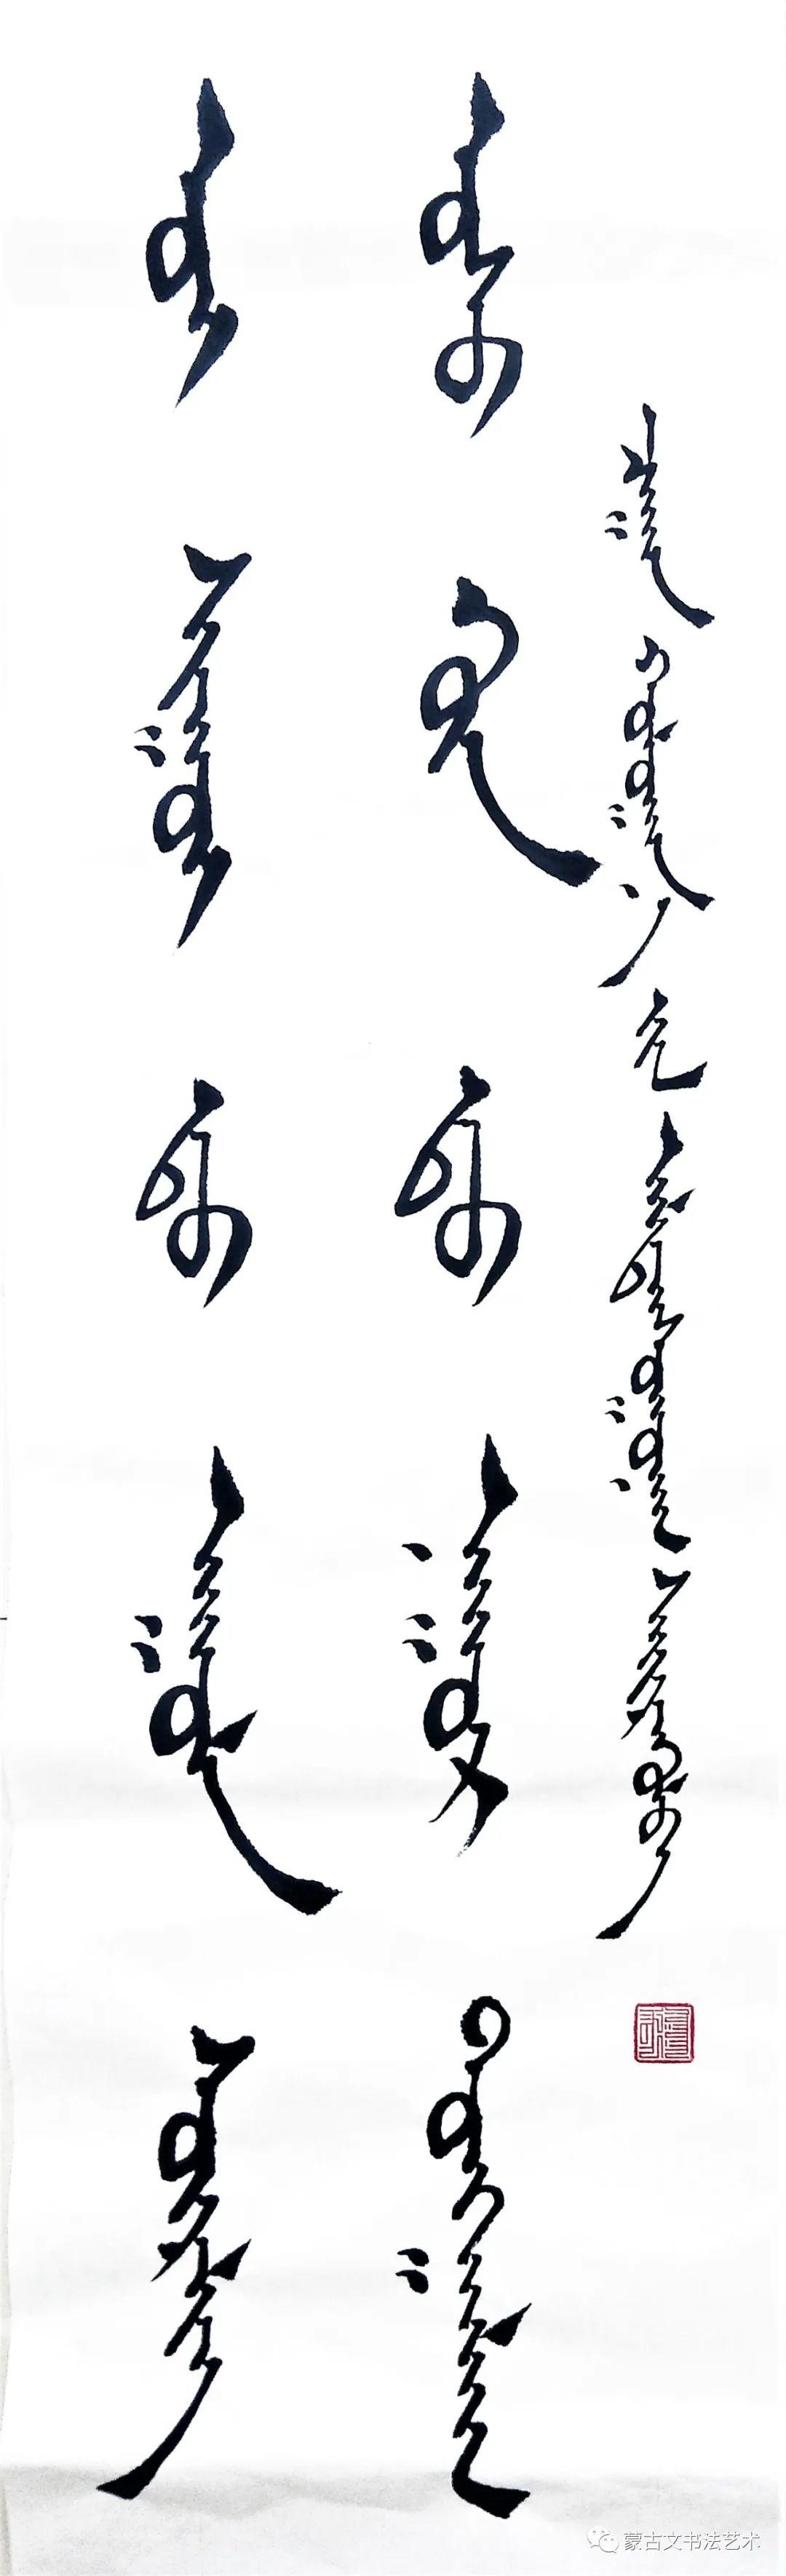 阿拉坦苏那嘎蒙古文书法 第11张 阿拉坦苏那嘎蒙古文书法 蒙古书法